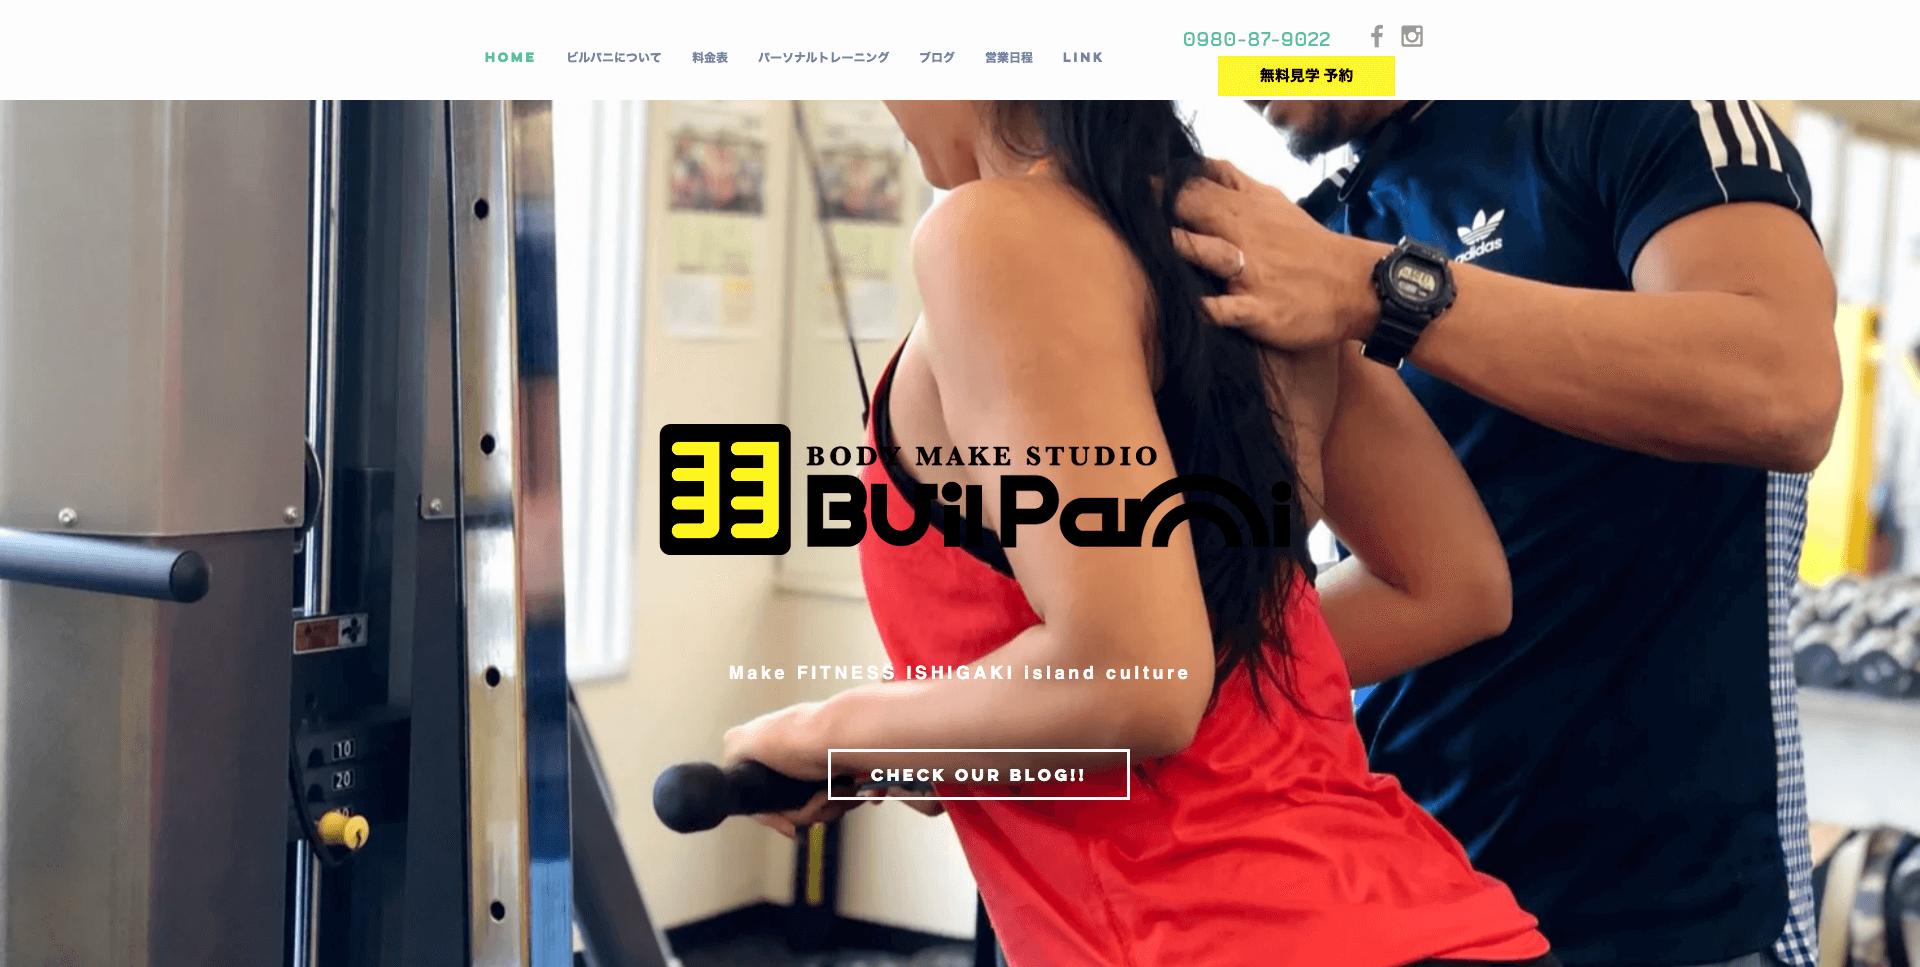 BODY MAKE STUDIO BuilPani-ビルパニ-